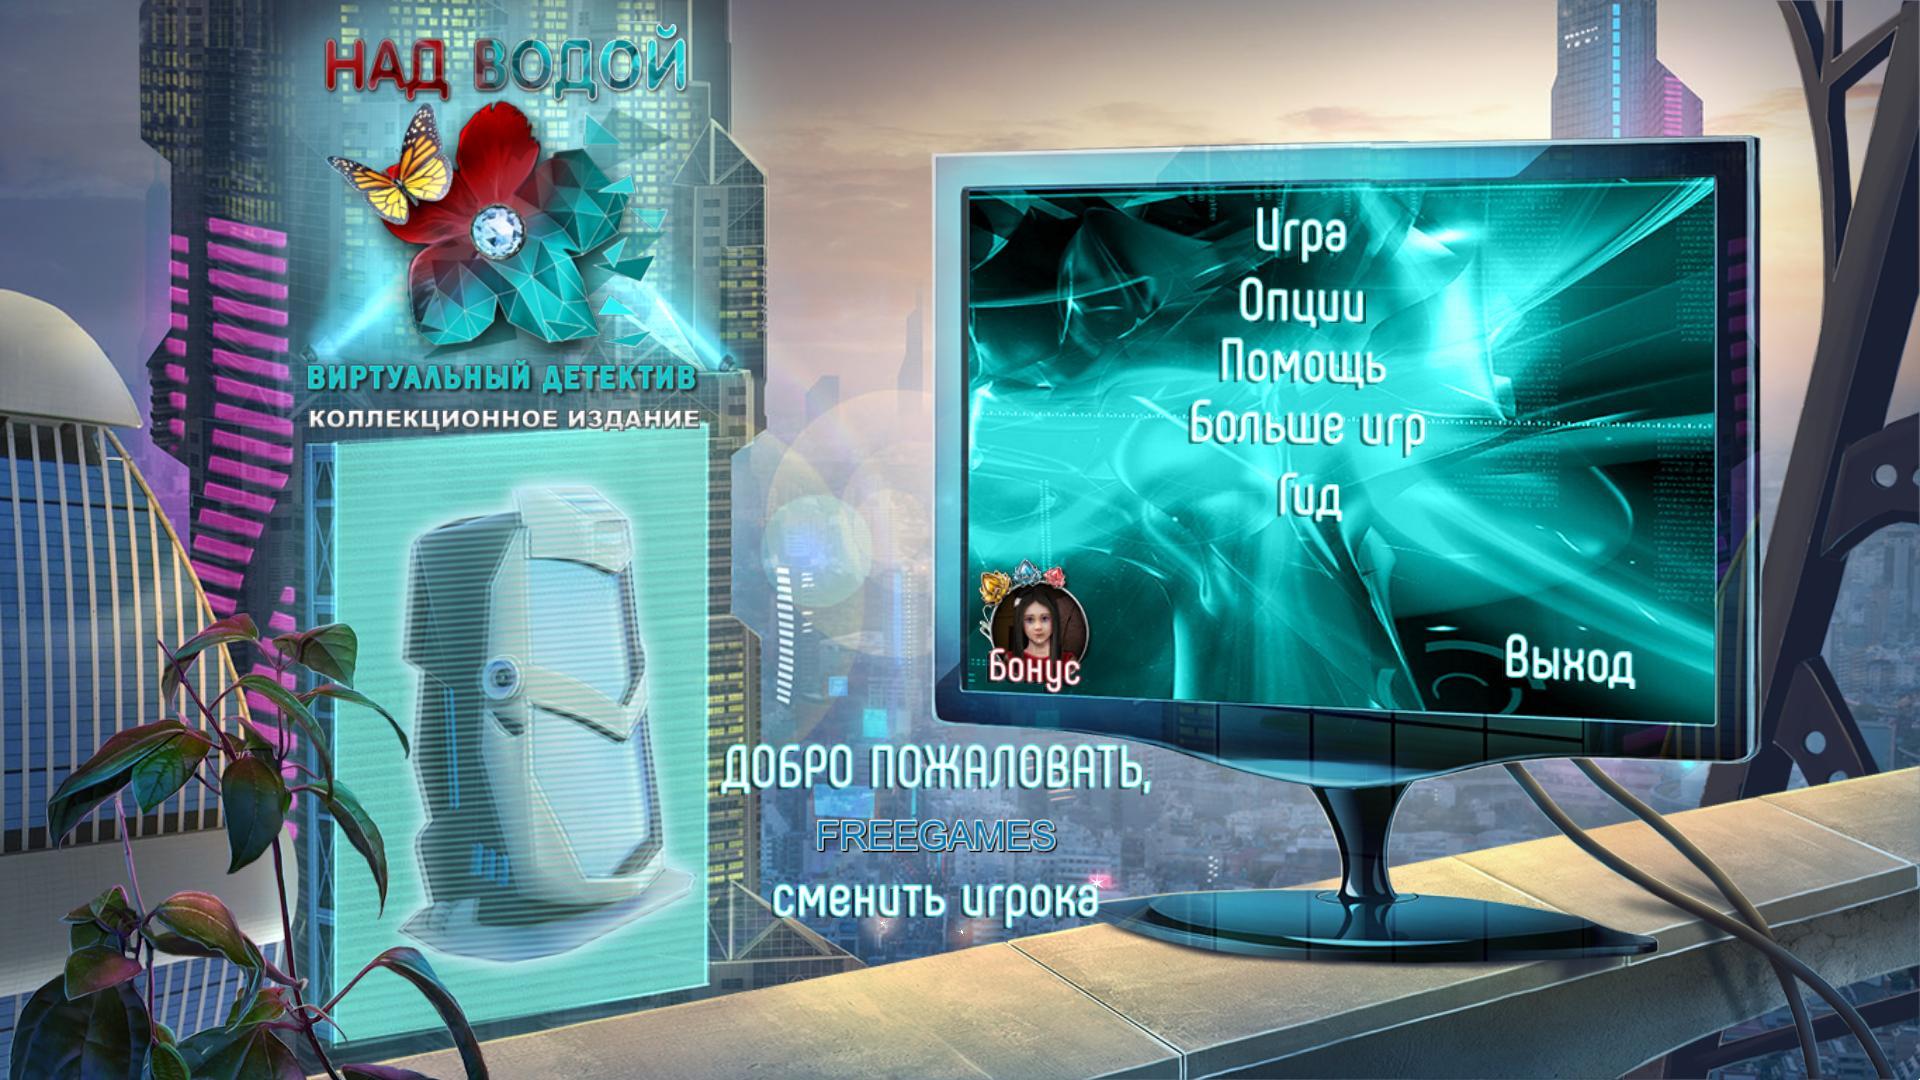 Над водой 10: Виртуальный детектив. Коллекционное издание | Surface 10: Virtual Detective CE (Rus)